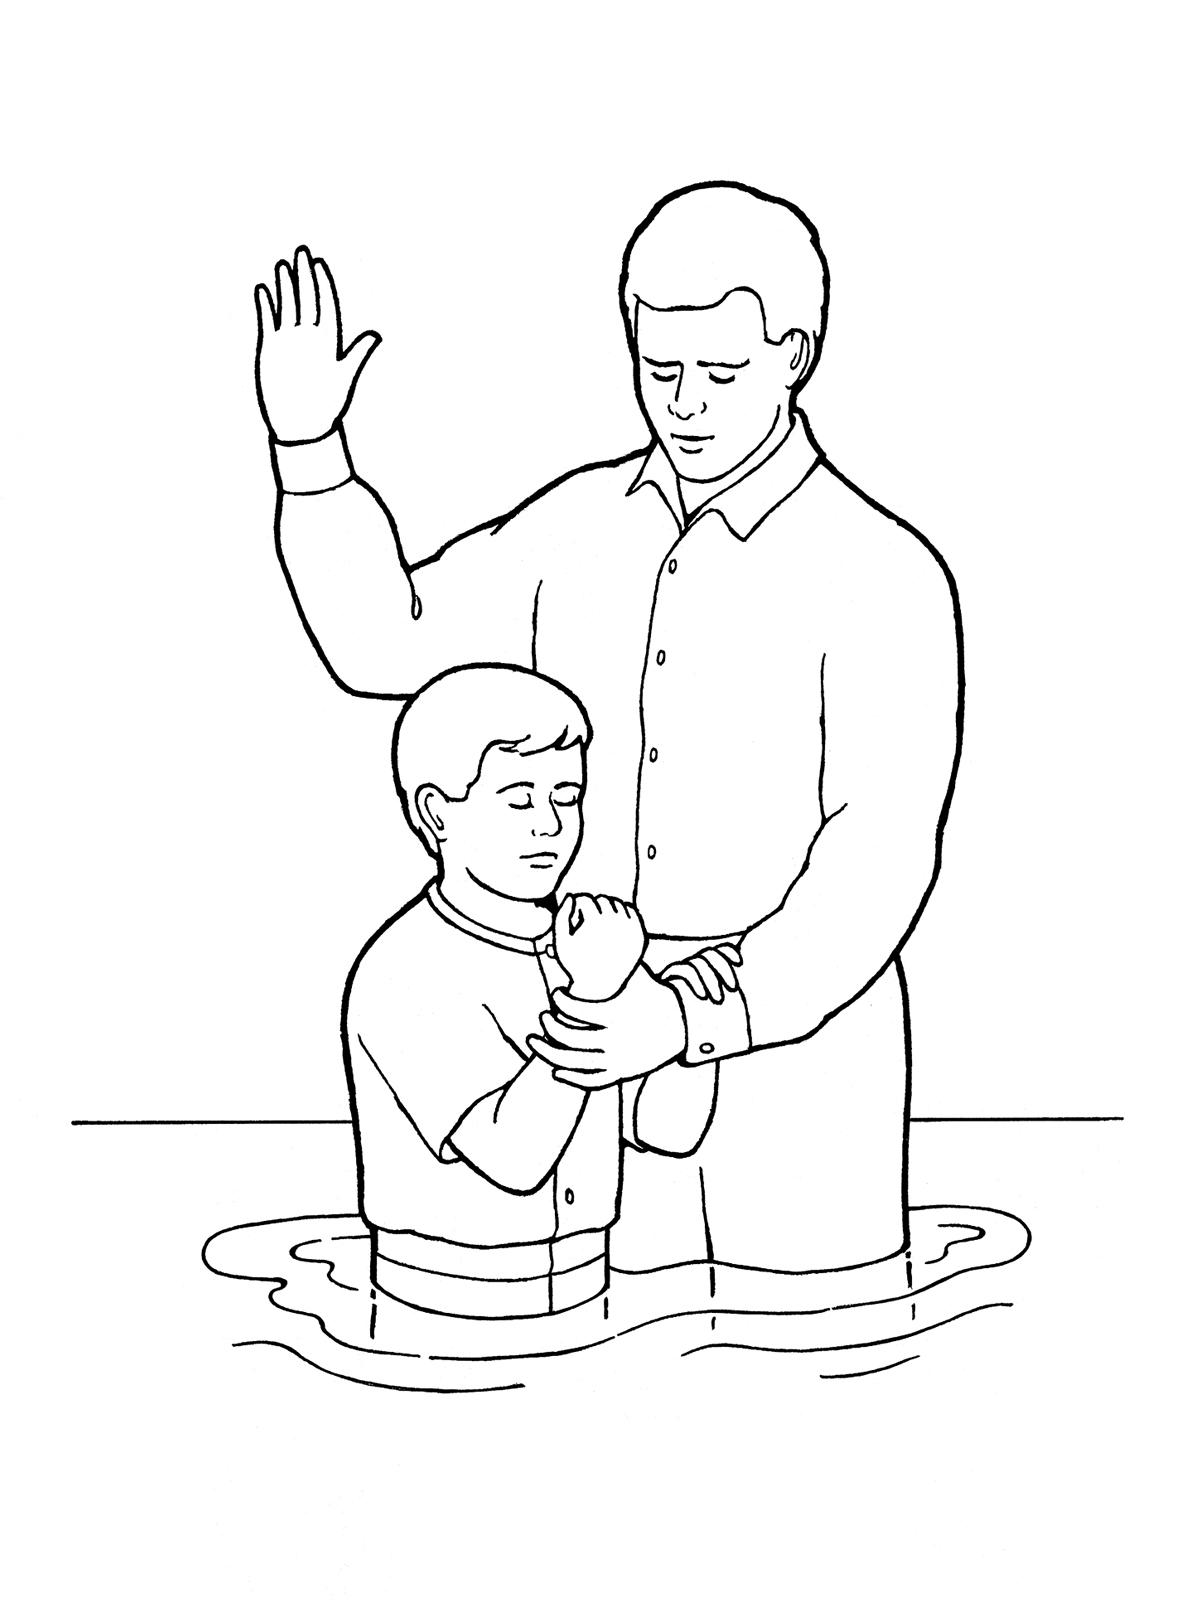 Lds Clipart Baptism Boy & Free Clip Art Images #14803.